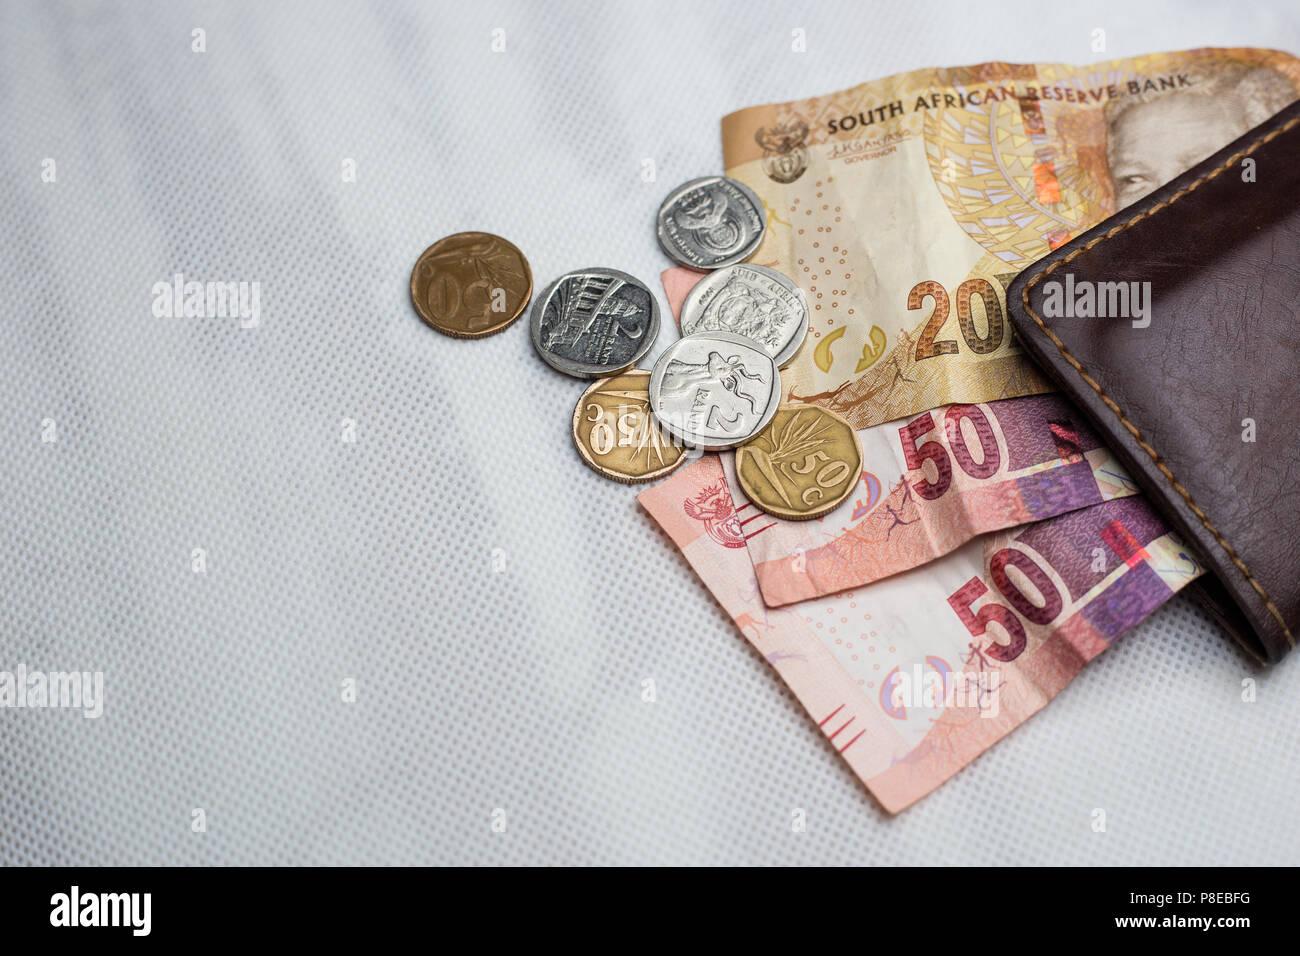 Südafrikanische Geld Münzen Und Banknoten Mit Braunen Mappe